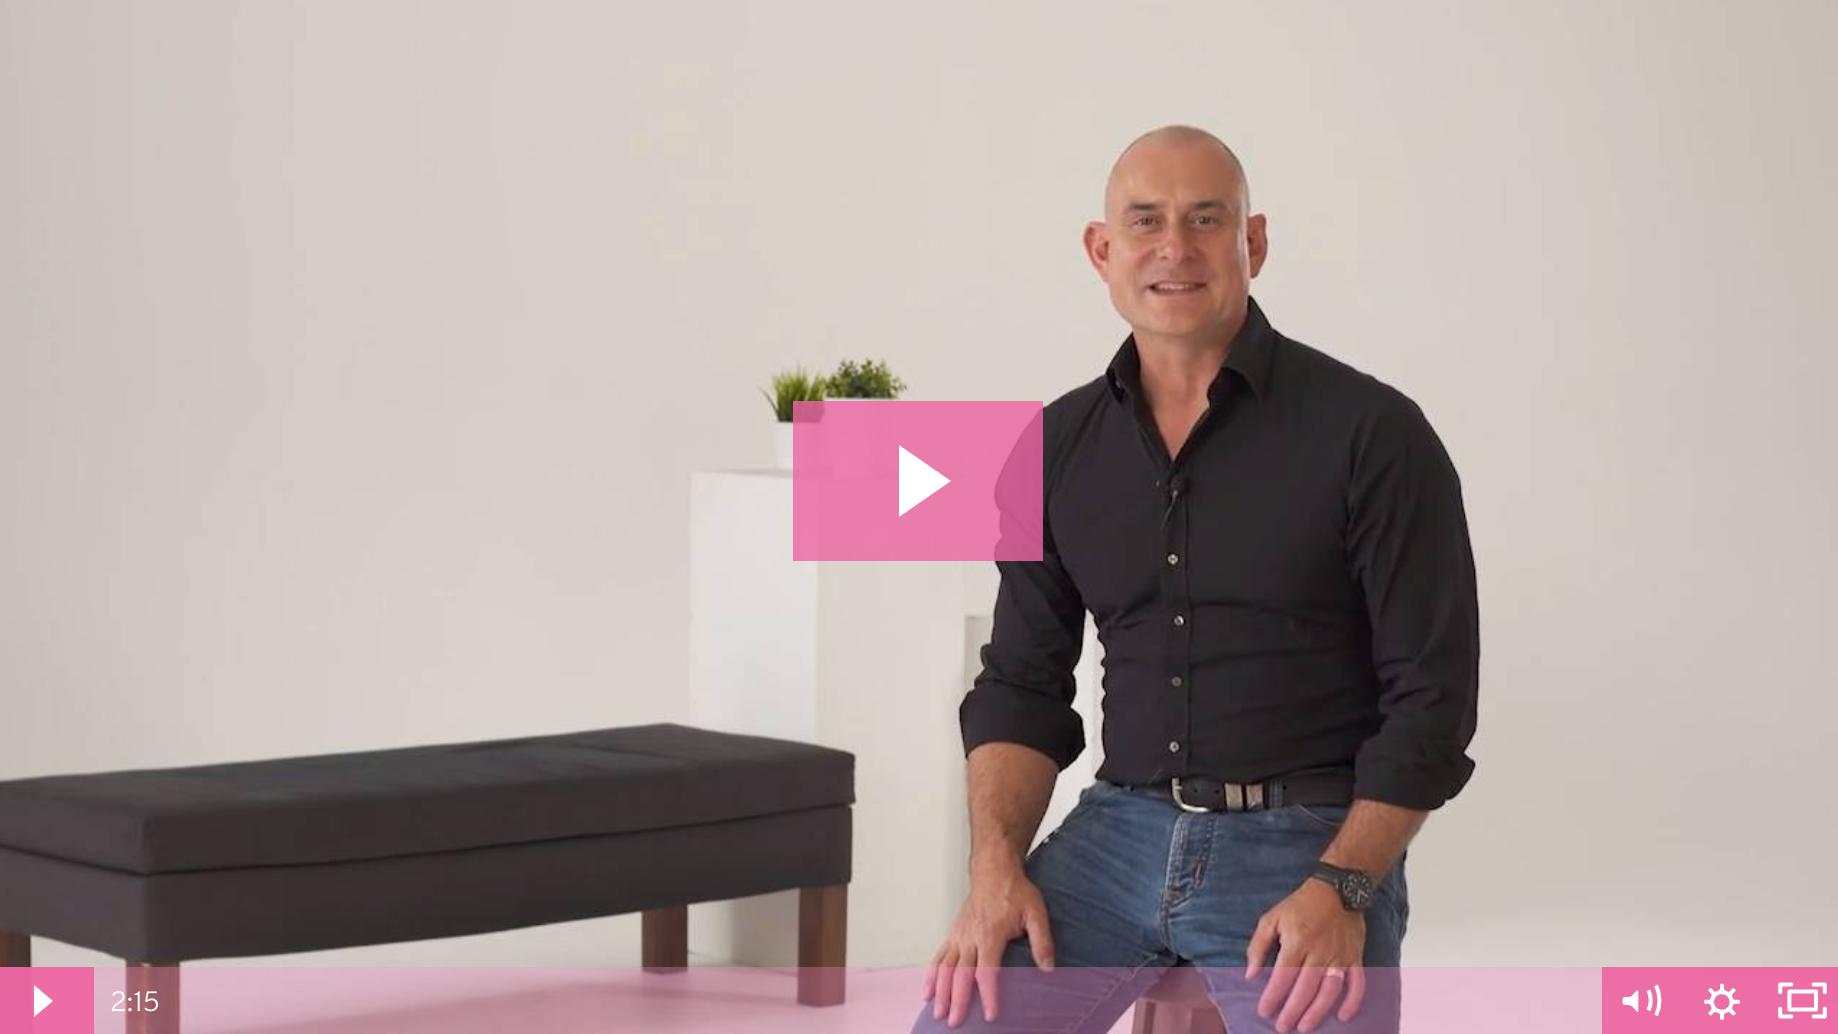 Matt Church introduces the Pink Sheet Process